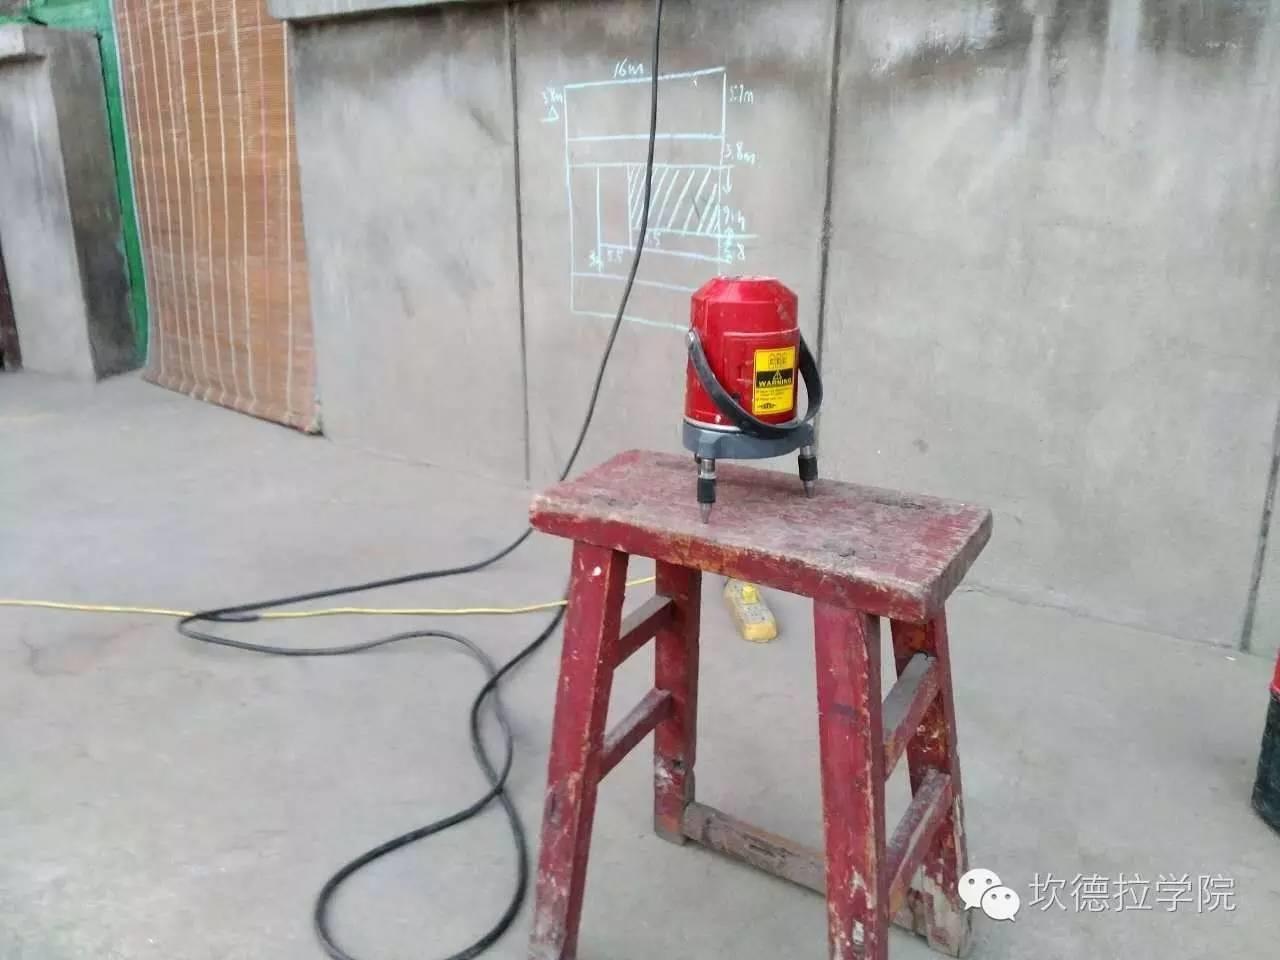 【金笔征文之锦山讲施工】手把手教你自建20kW光伏屋顶一体化电站(2)